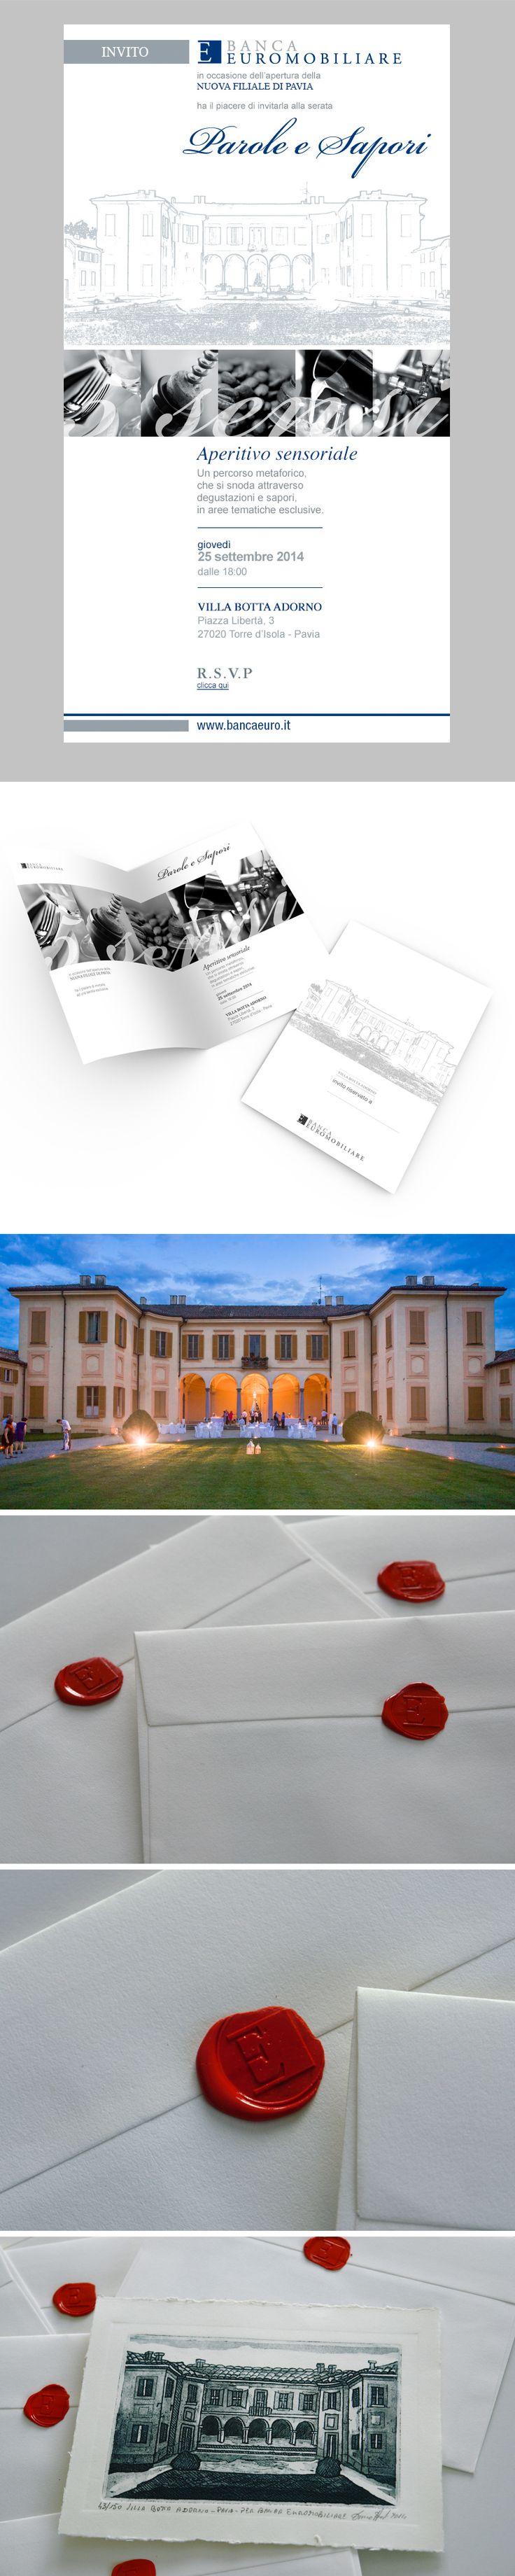 In occasione dell'apertura della nuova filiale di Pavia, giovedì 25 settembre 2014, b_centric è stata incaricata da Banca Euromobiliare per pianificare e realizzare l'evento, curando l'aspetto organizzativo e grafico.